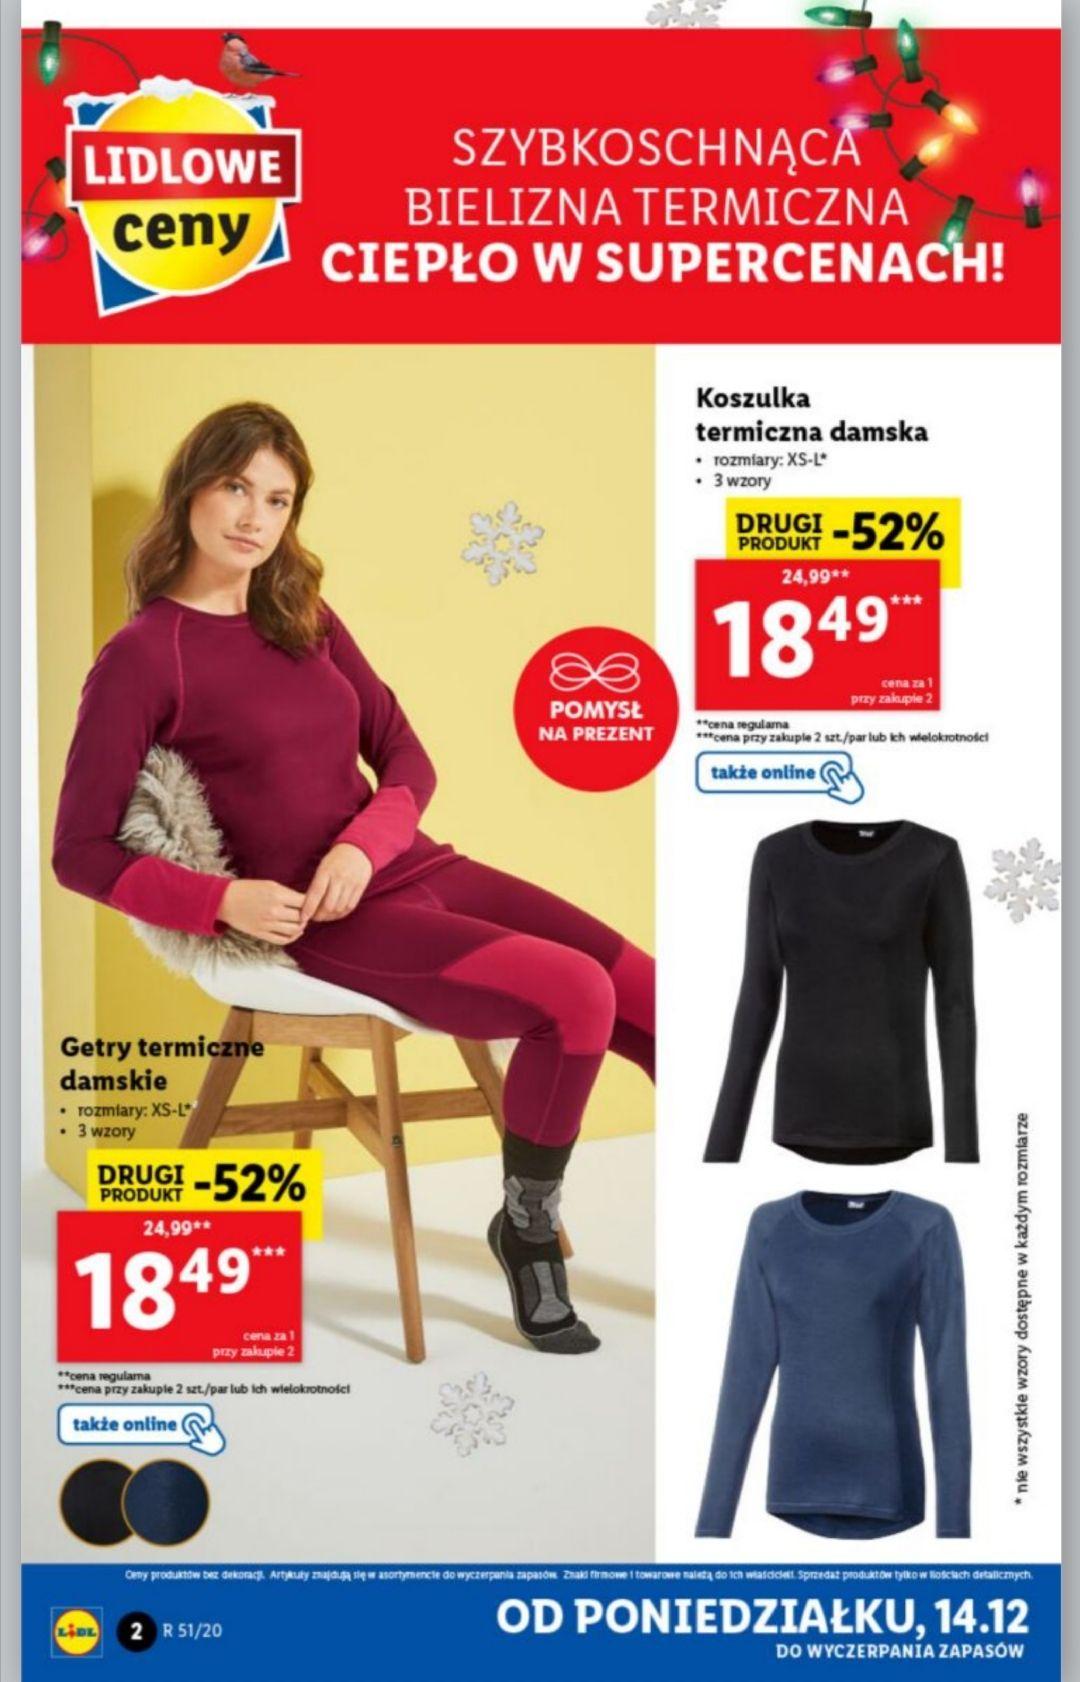 Koszulka termiczna, getry termiczne damskie, męskie Crivit Lidl - drugi produkt -52%